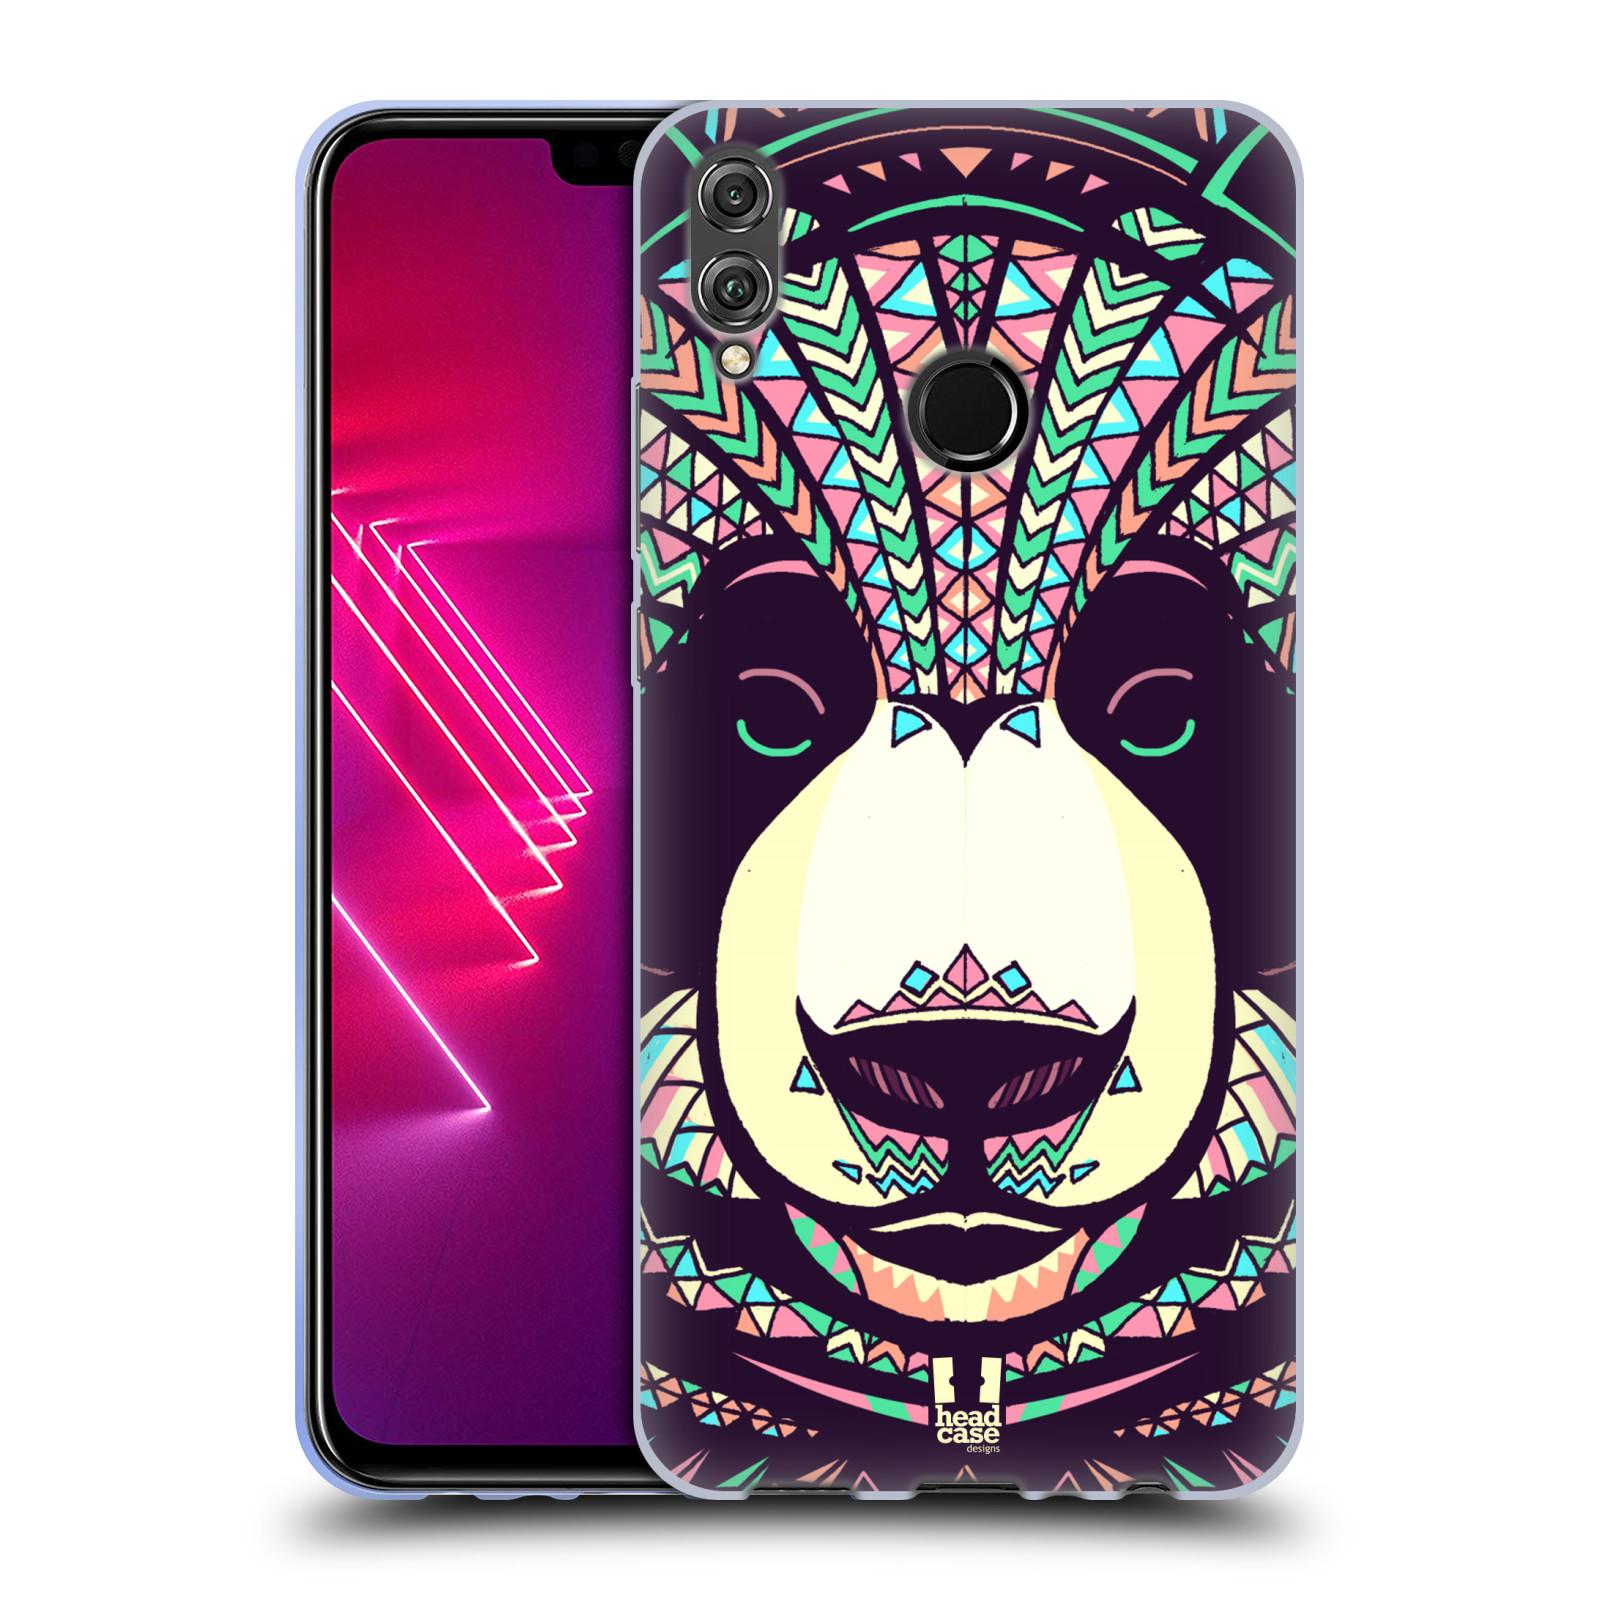 Silikonové pouzdro na mobil Honor View 10 Lite - Head Case - AZTEC PANDA